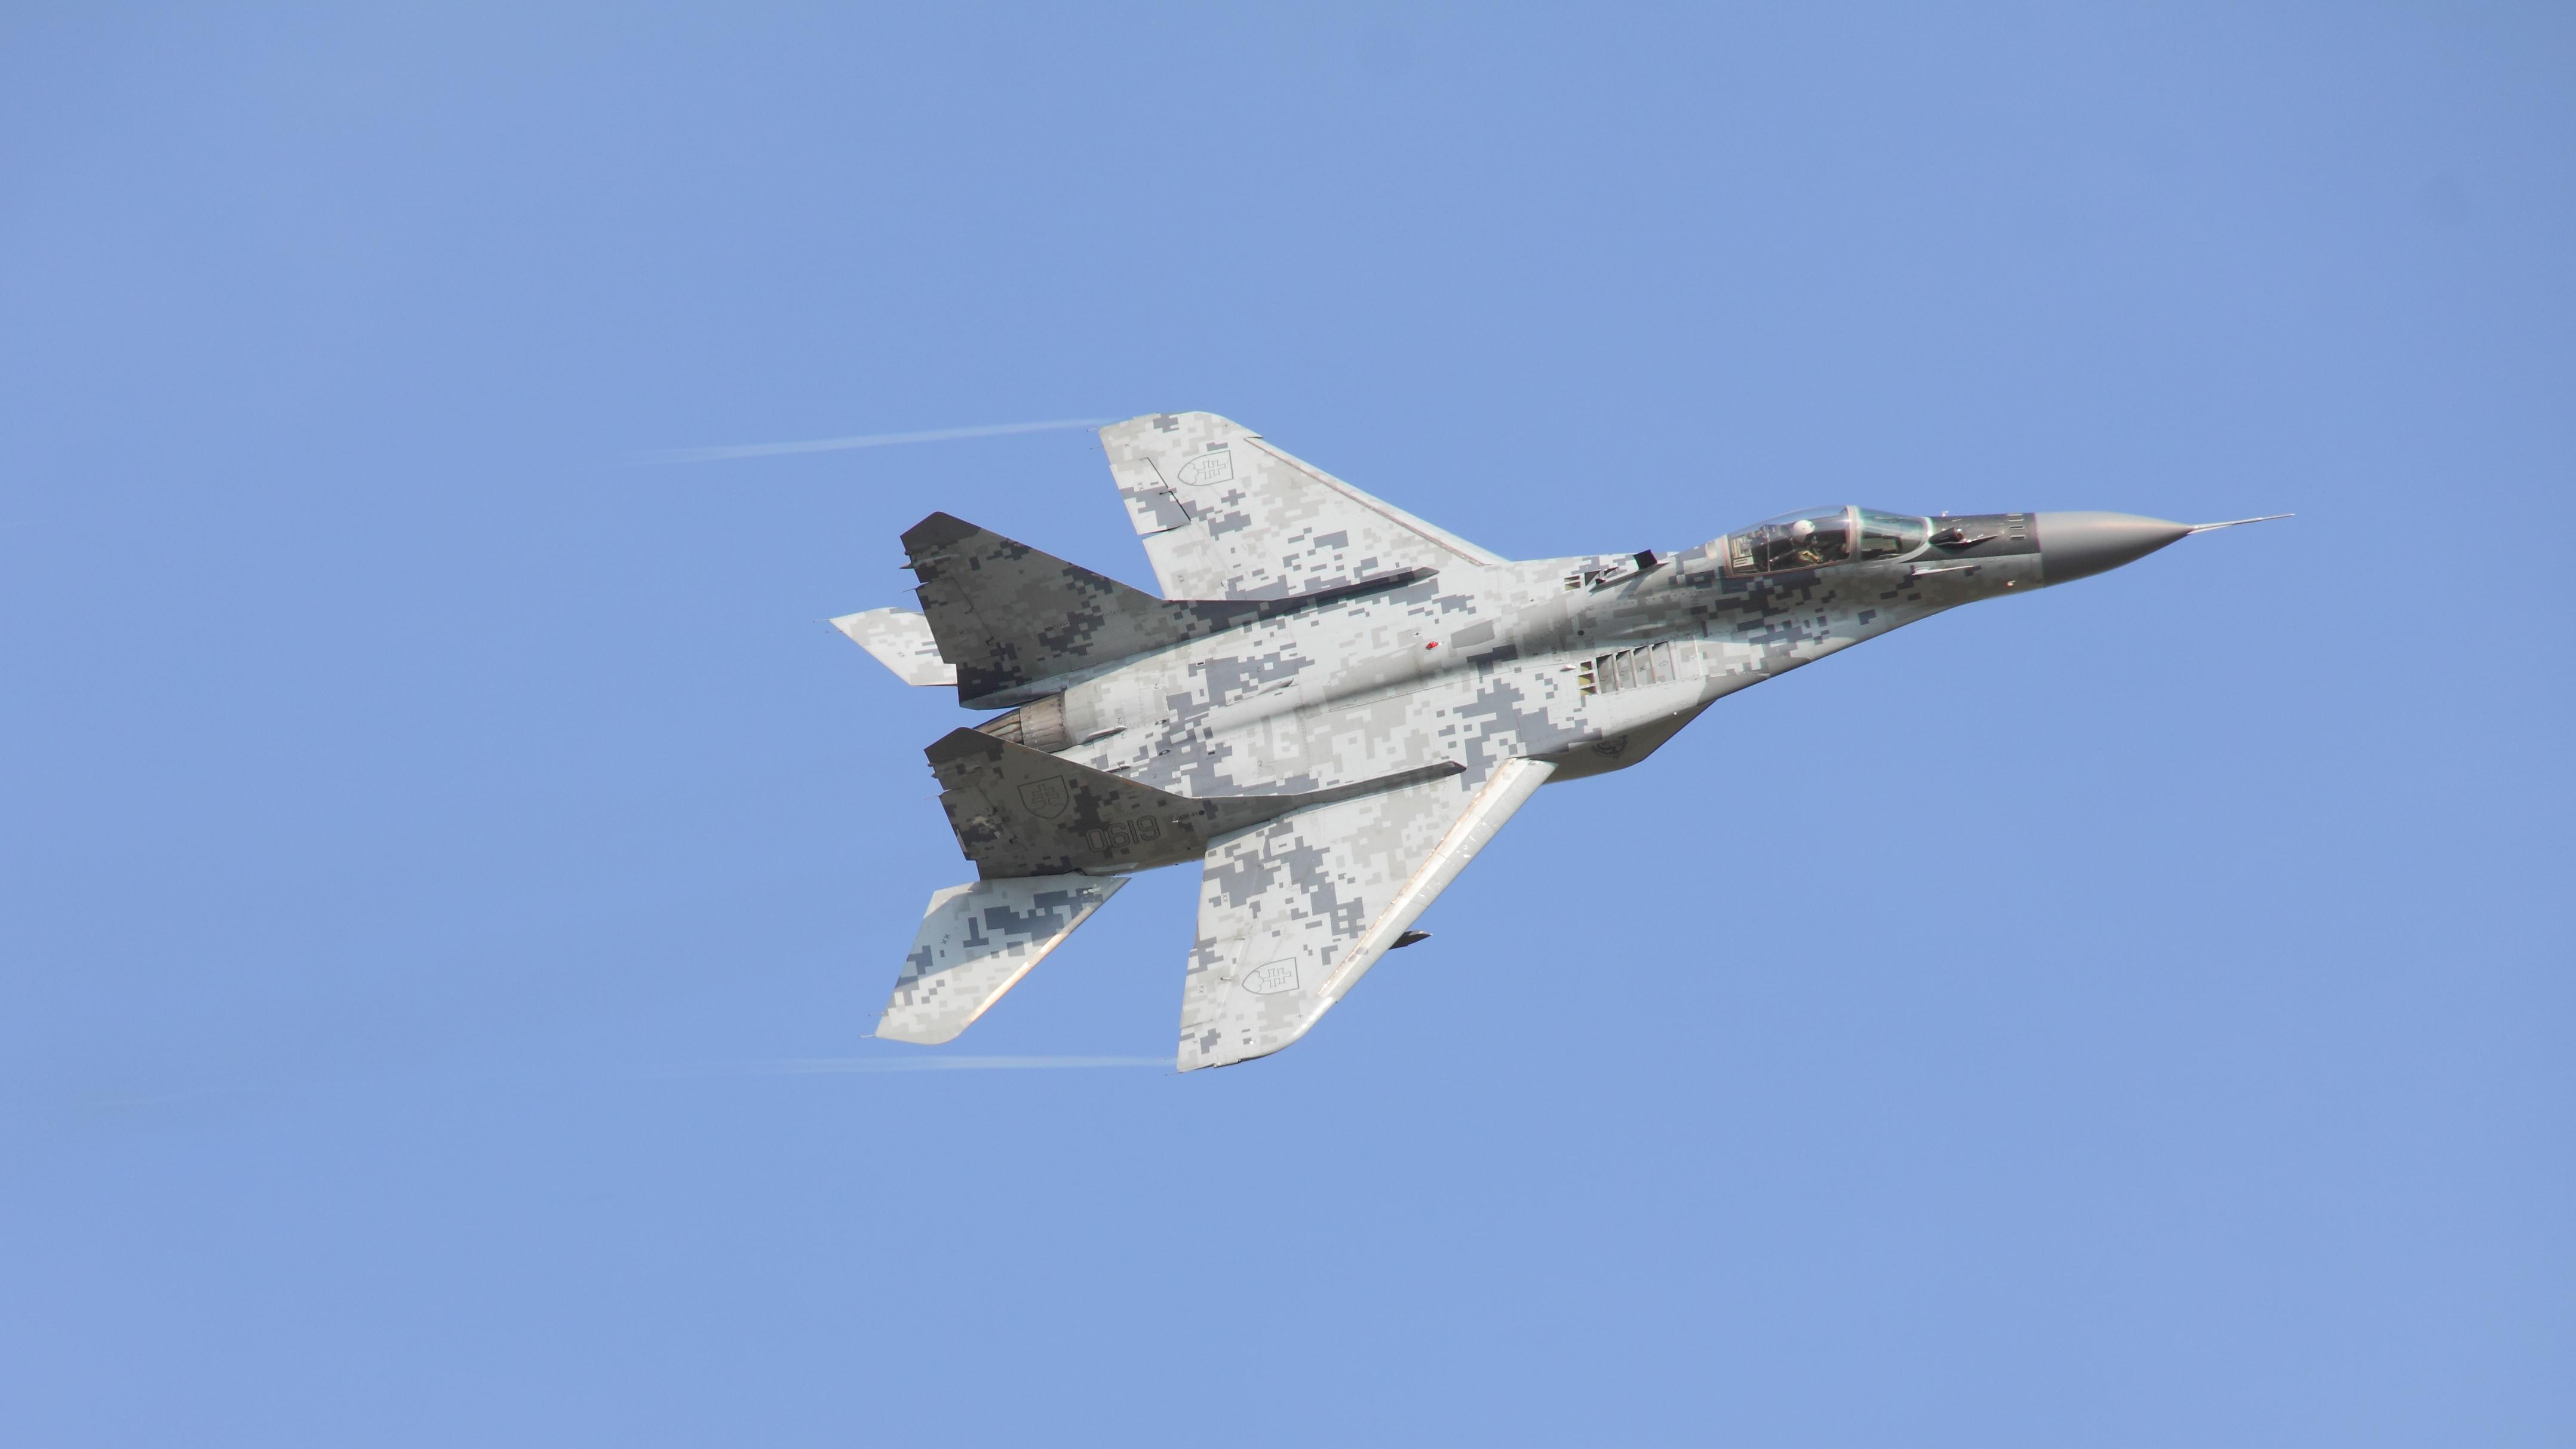 File:MiG-29 2598.JPG